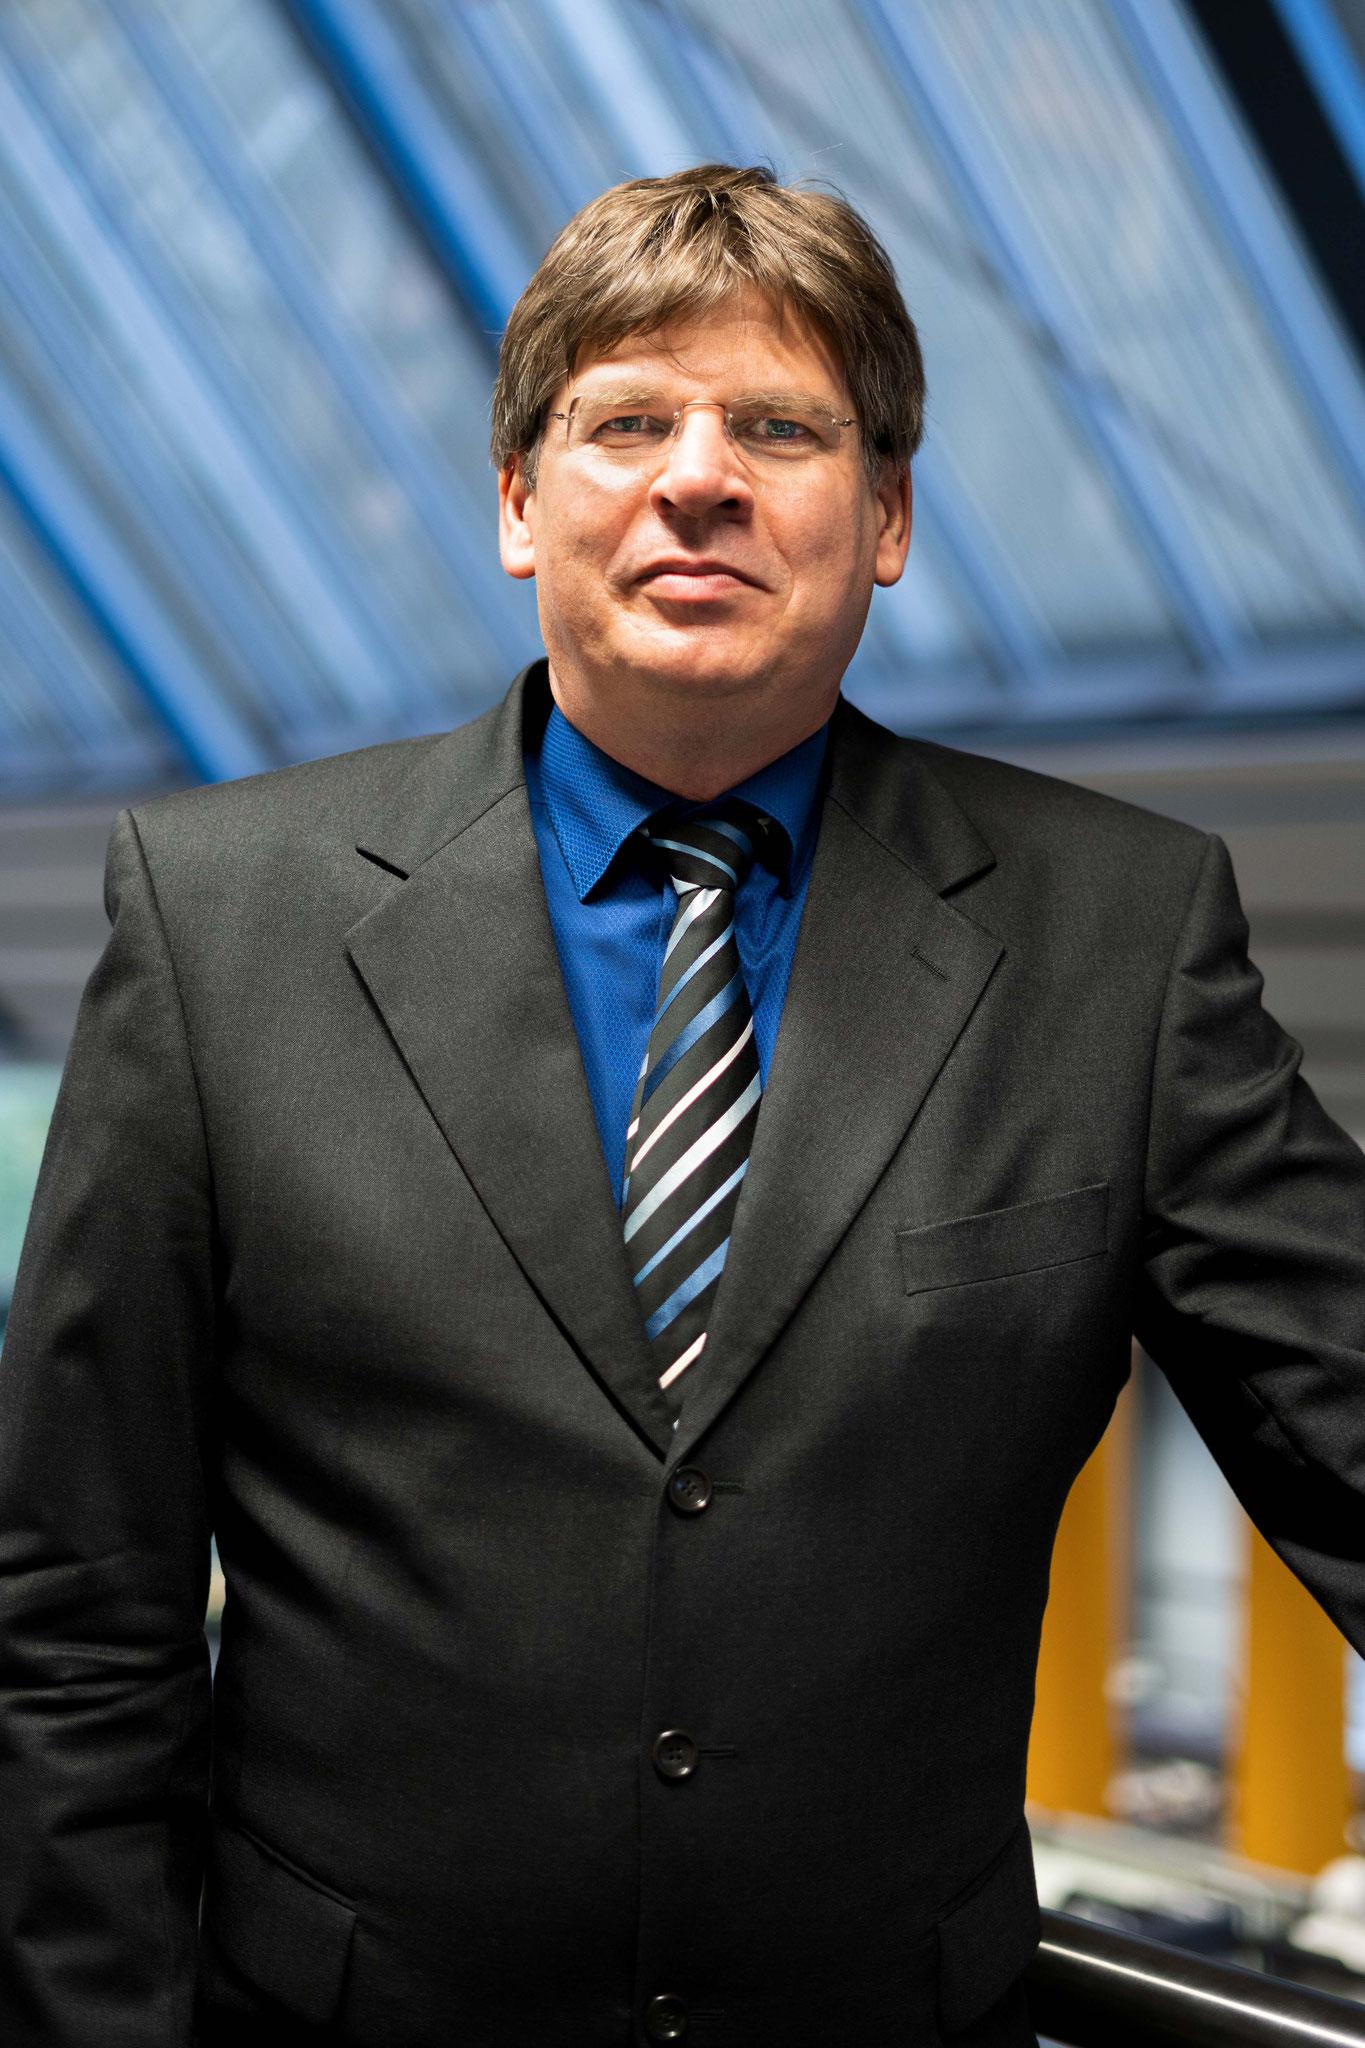 Dr. Thomas Grotum